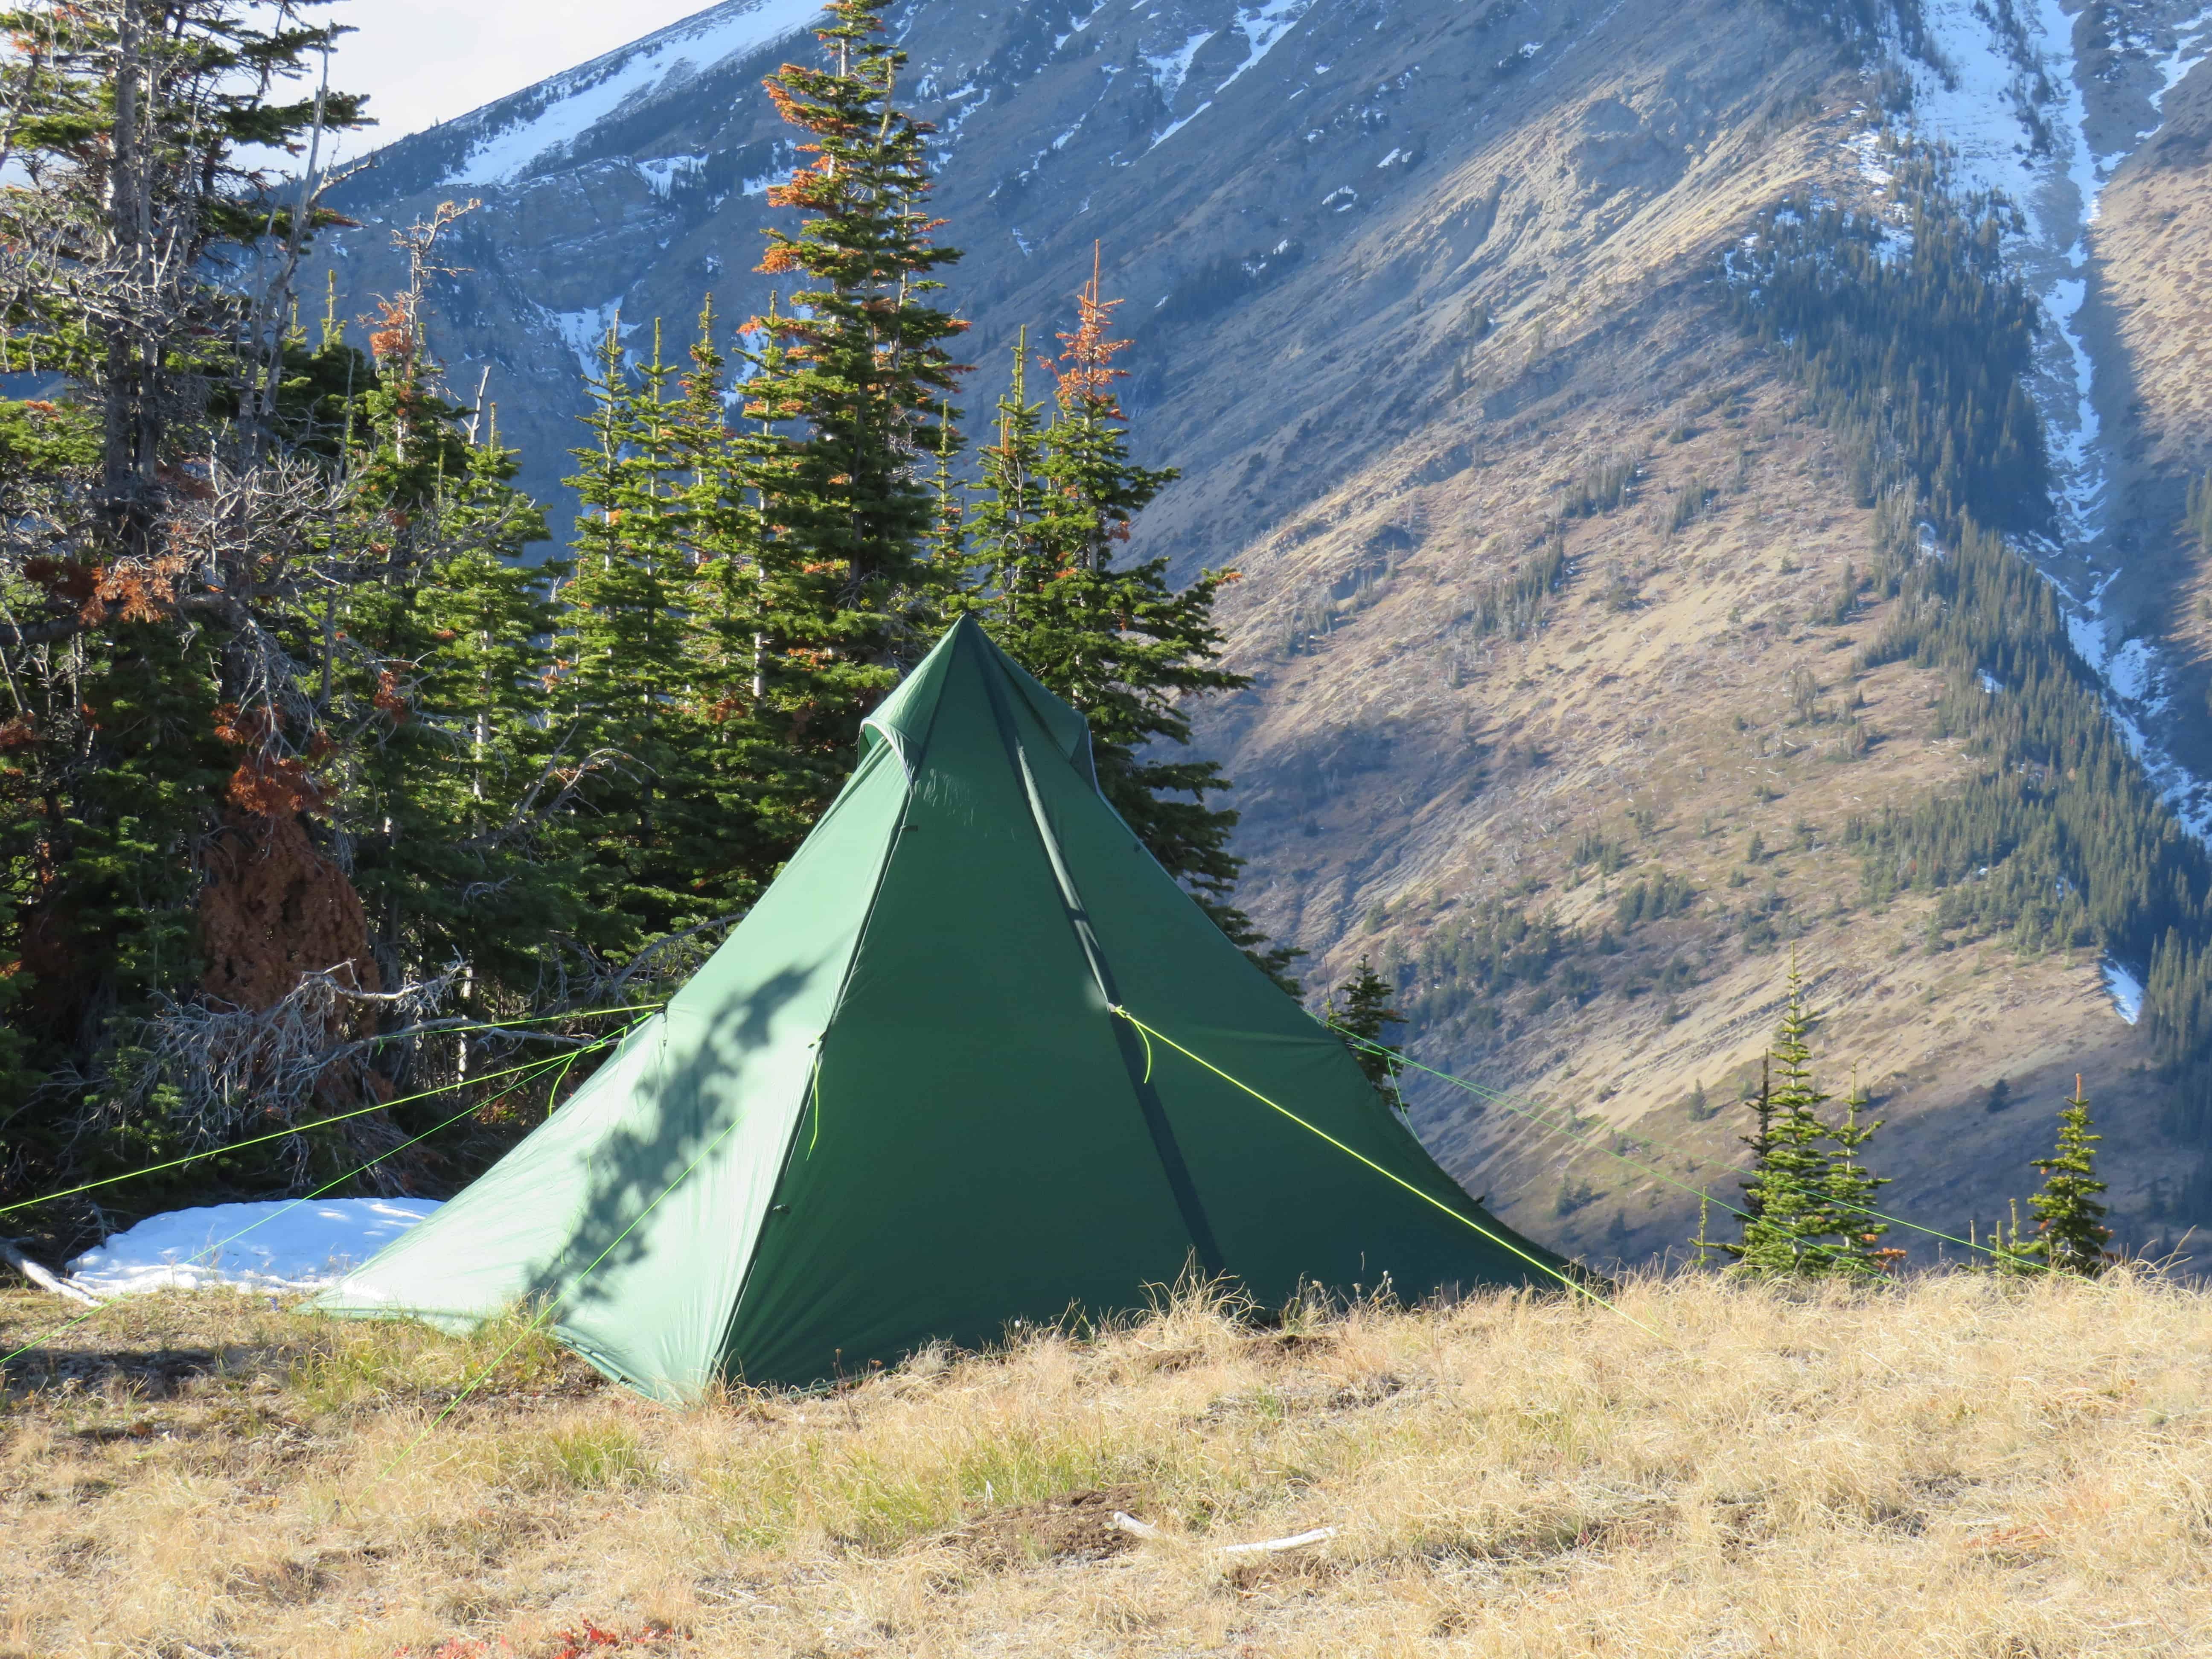 & LiteOutdoors Plateau 5 - Lightweight Tipi Tent